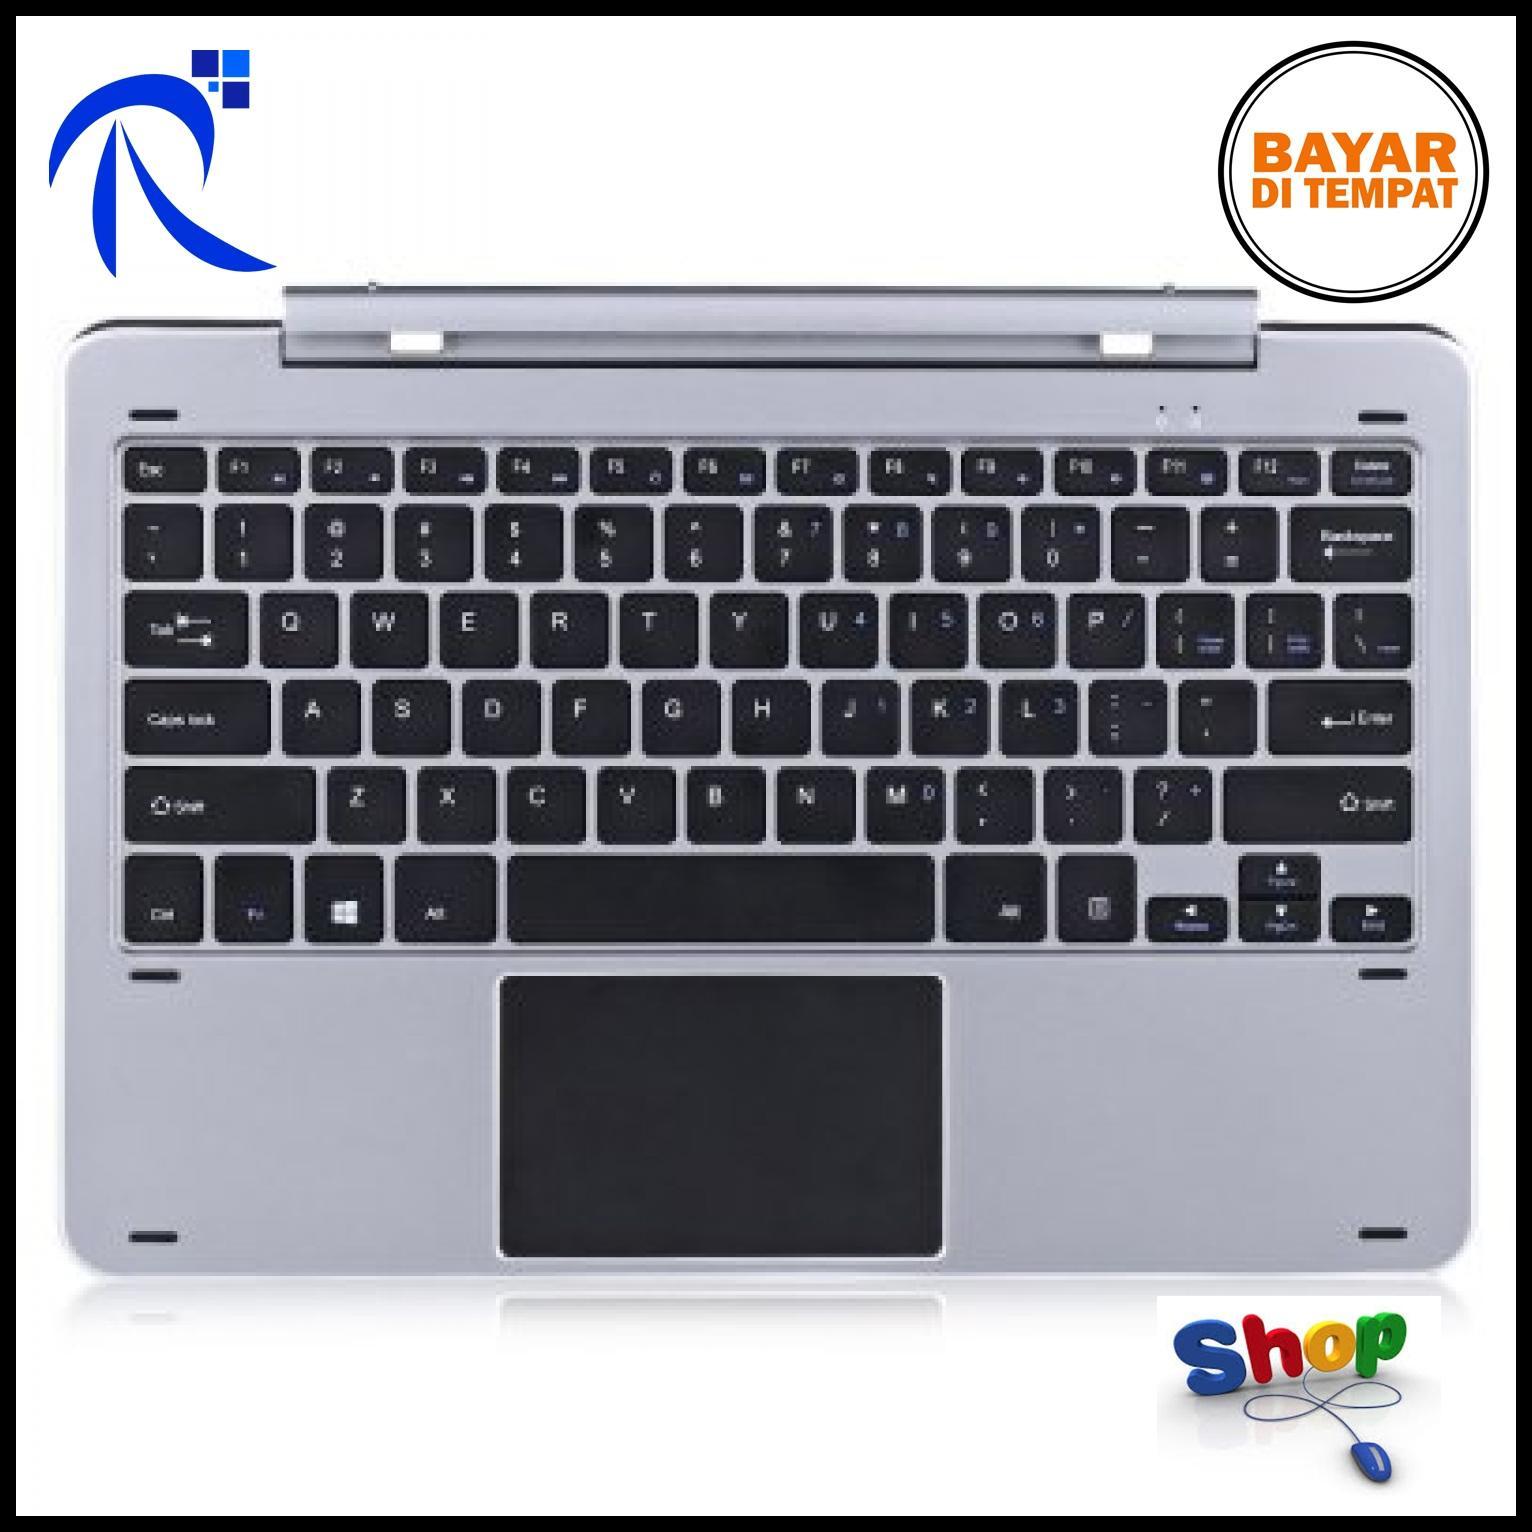 Rimas Eksternal Keyboard for Chuwi Hi12 with Pogo Pin - Black / Hitam Keyboard Papan Ketik Penggant